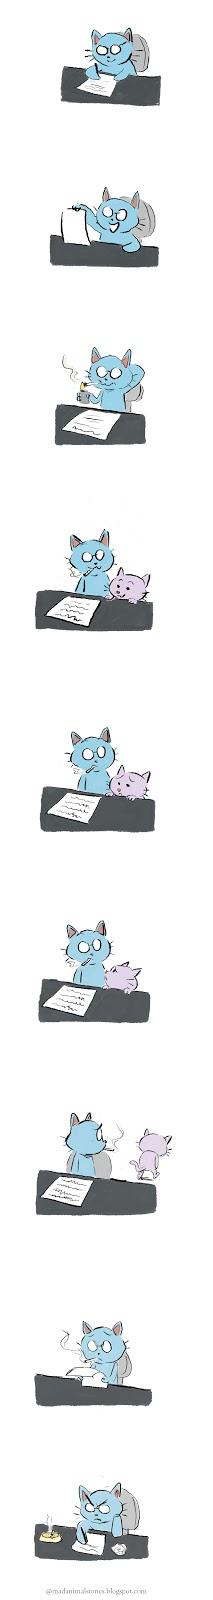 un chat écrivain cherche l'inspiration